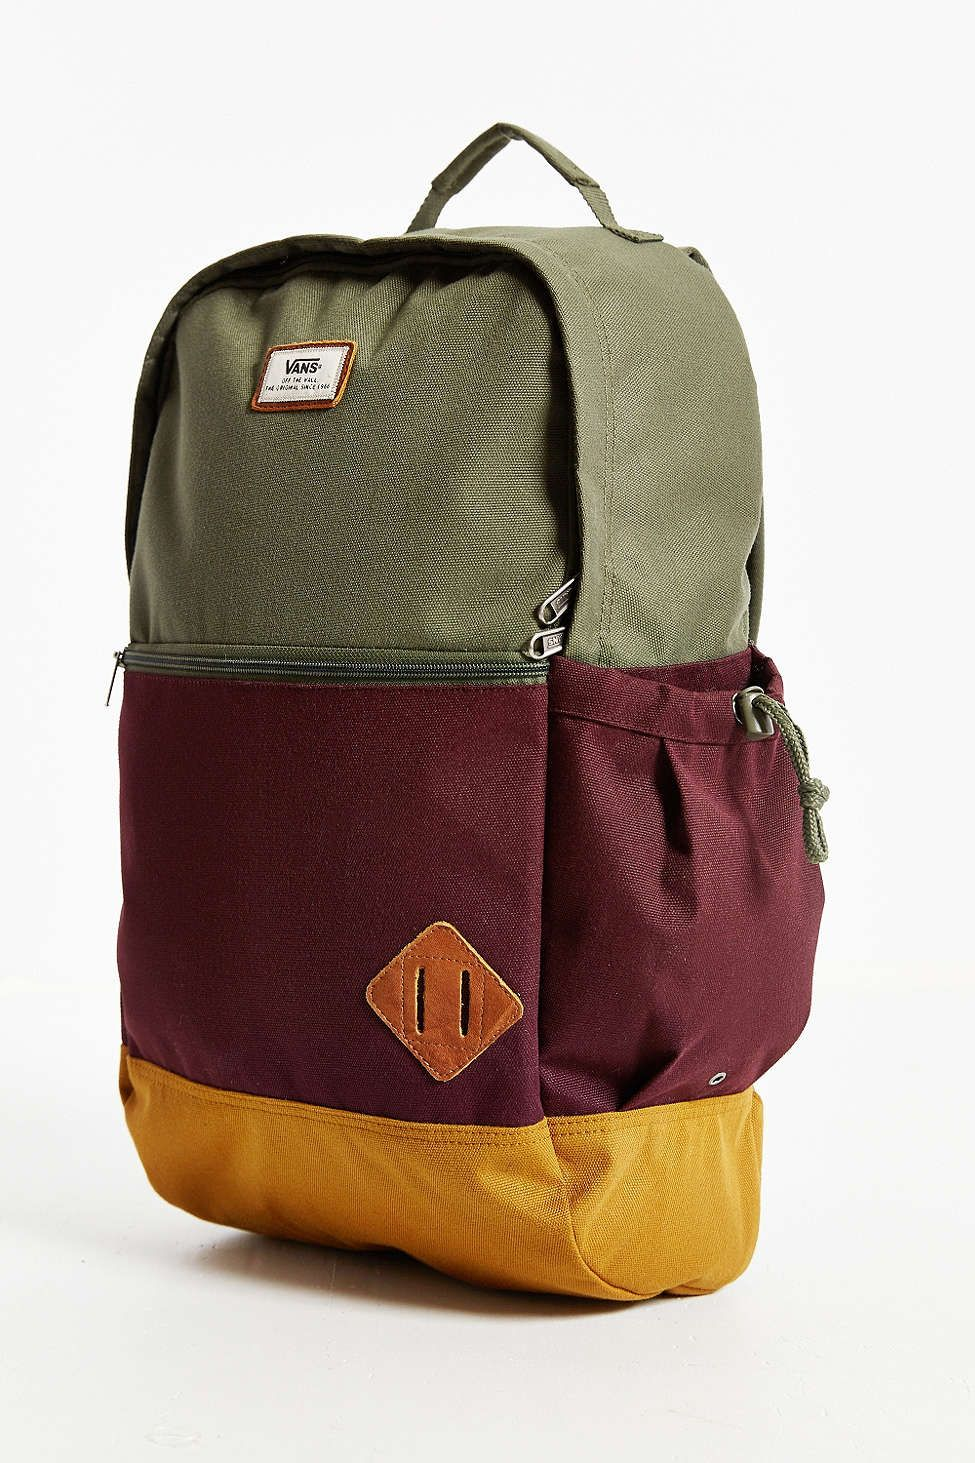 bb5b4a1c6d9ad6 Vans Van Doren II Backpack Vans Shop